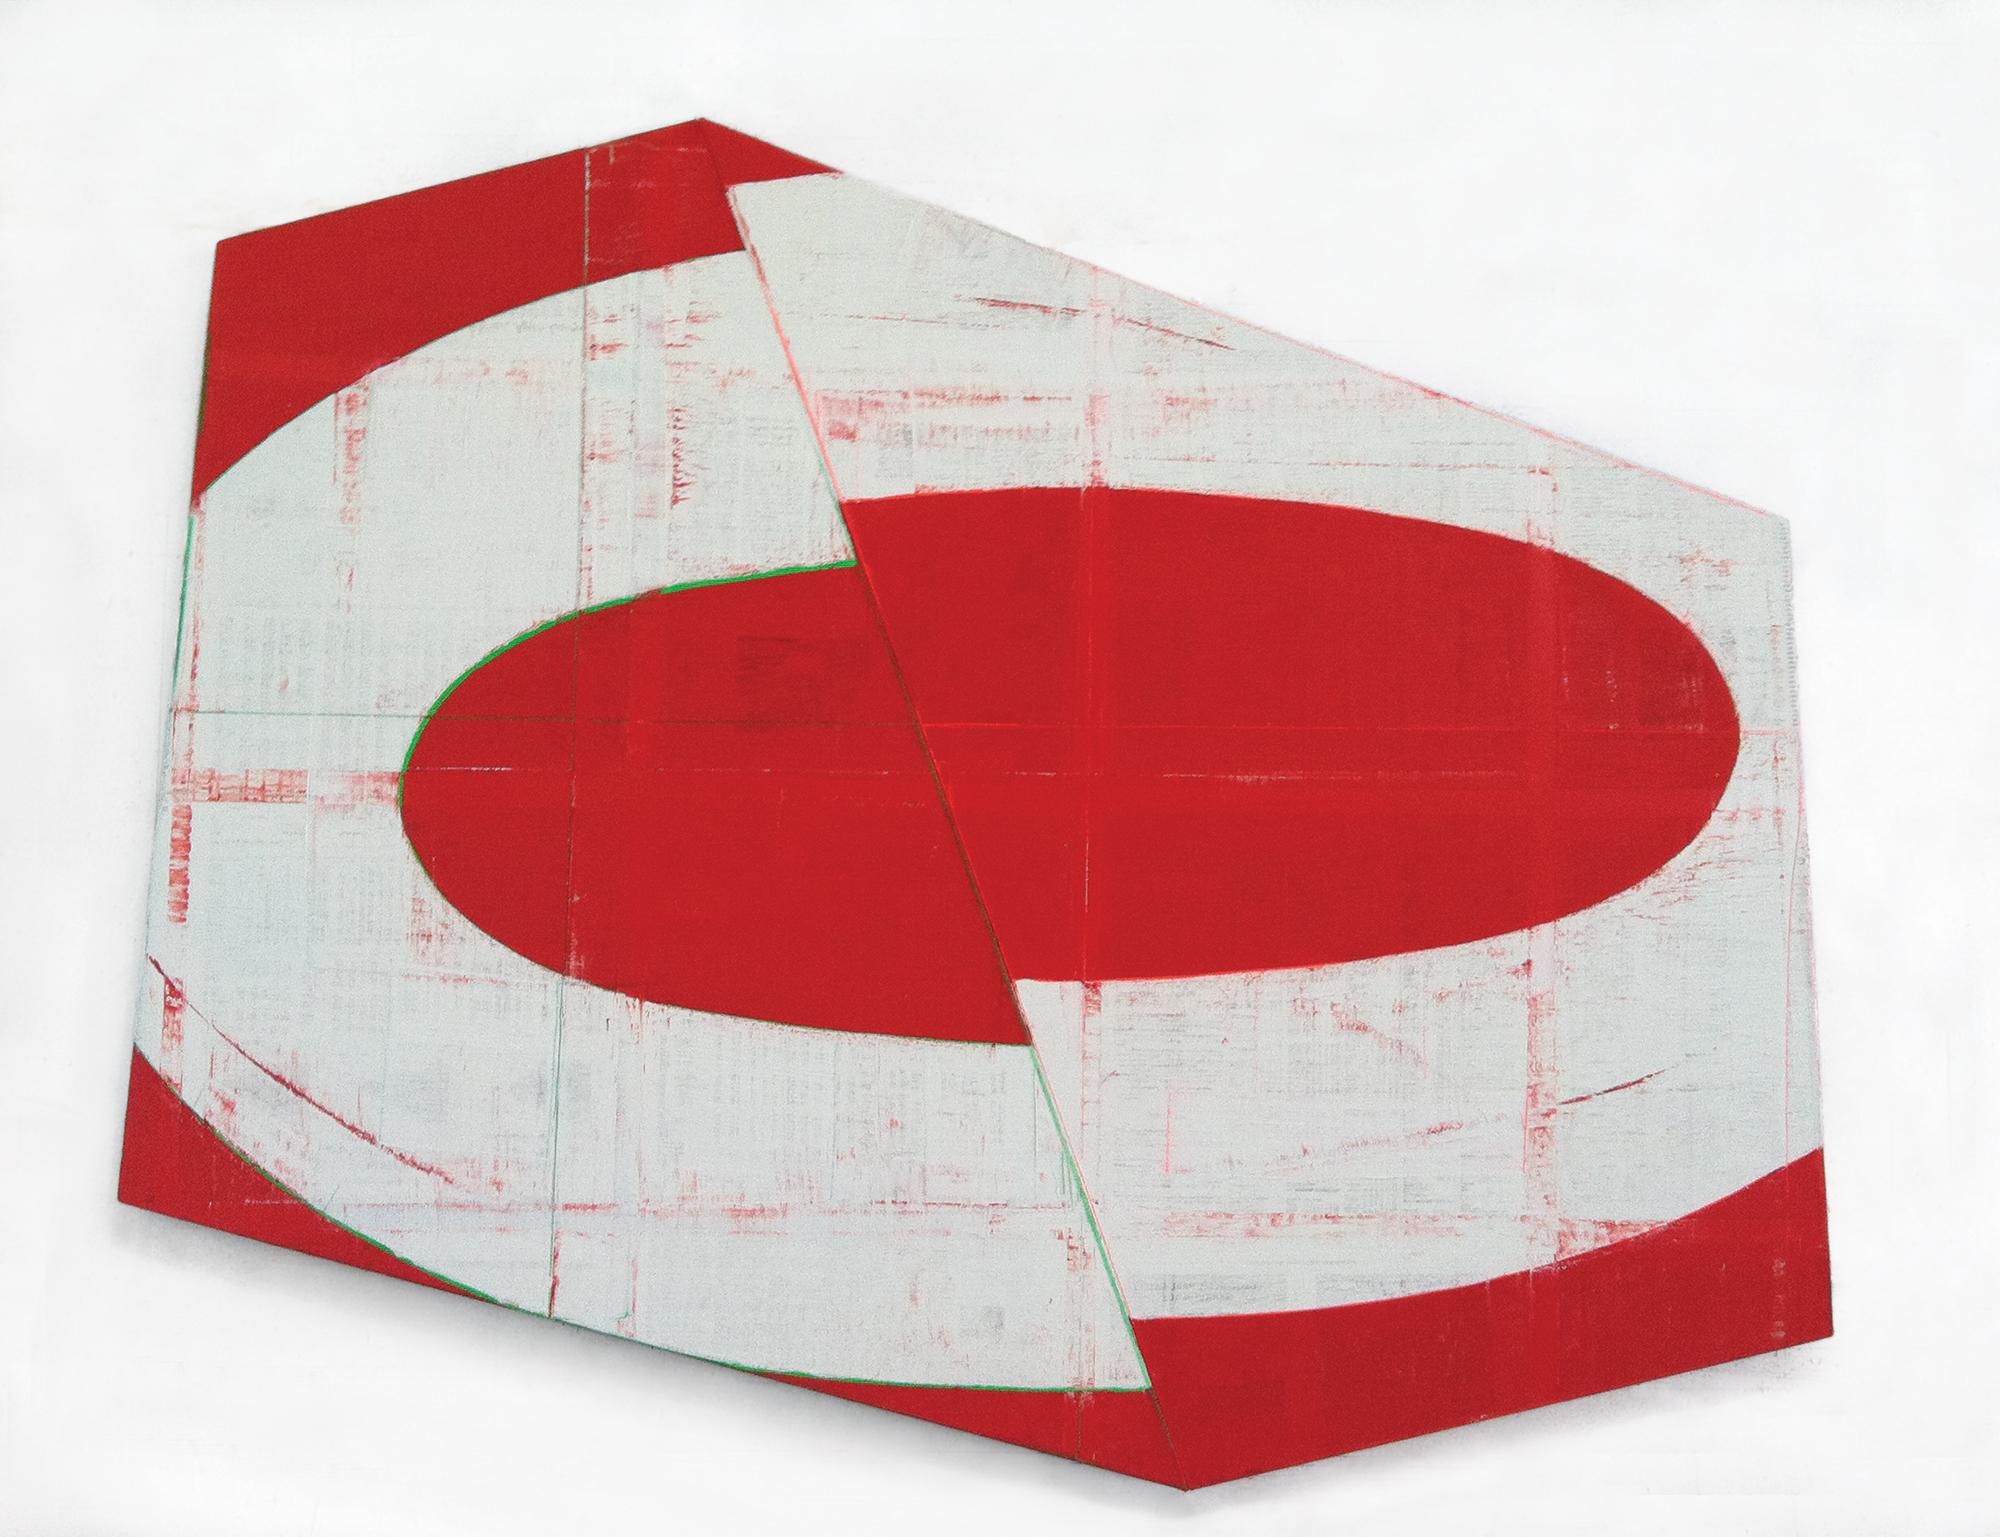 David Row - Cardinal